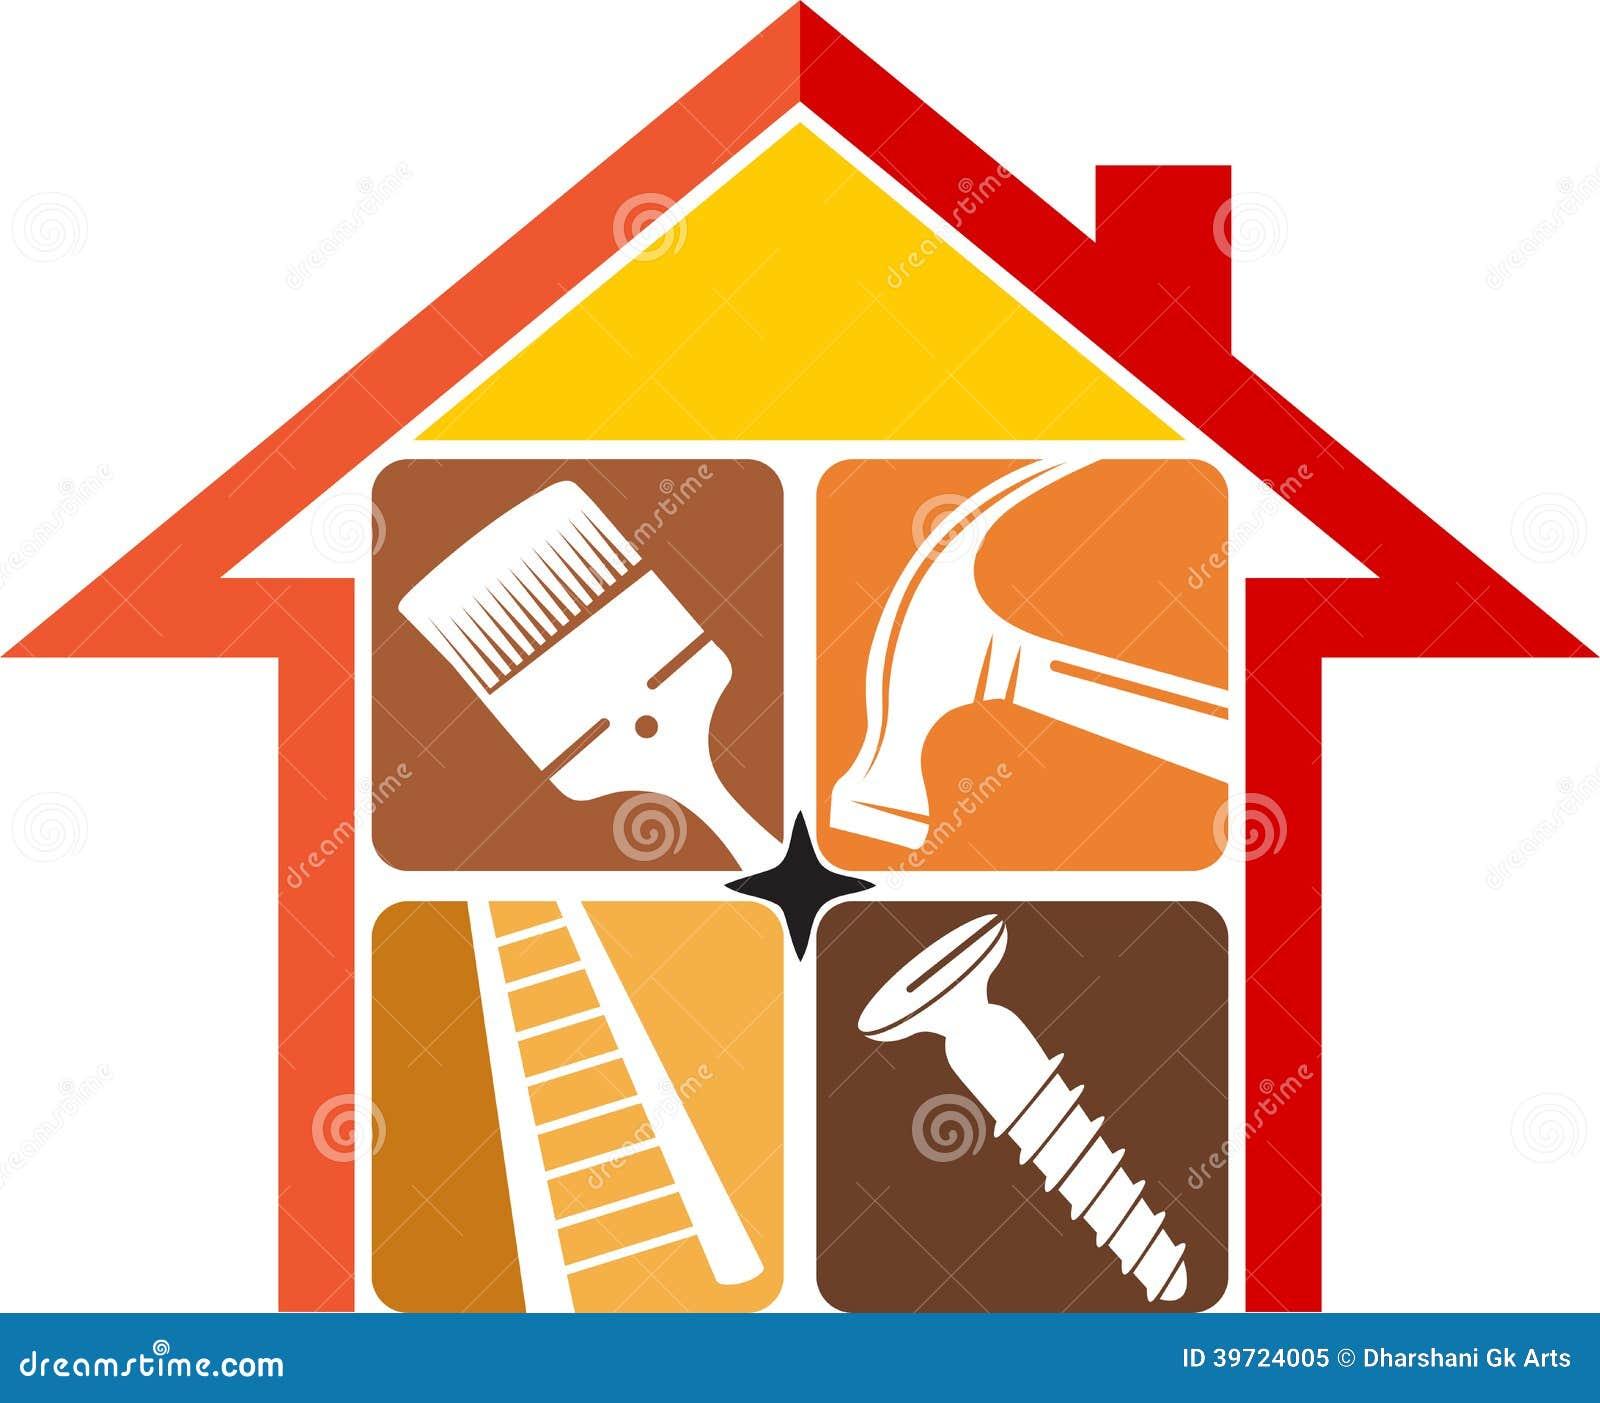 home repair clipart - photo #11